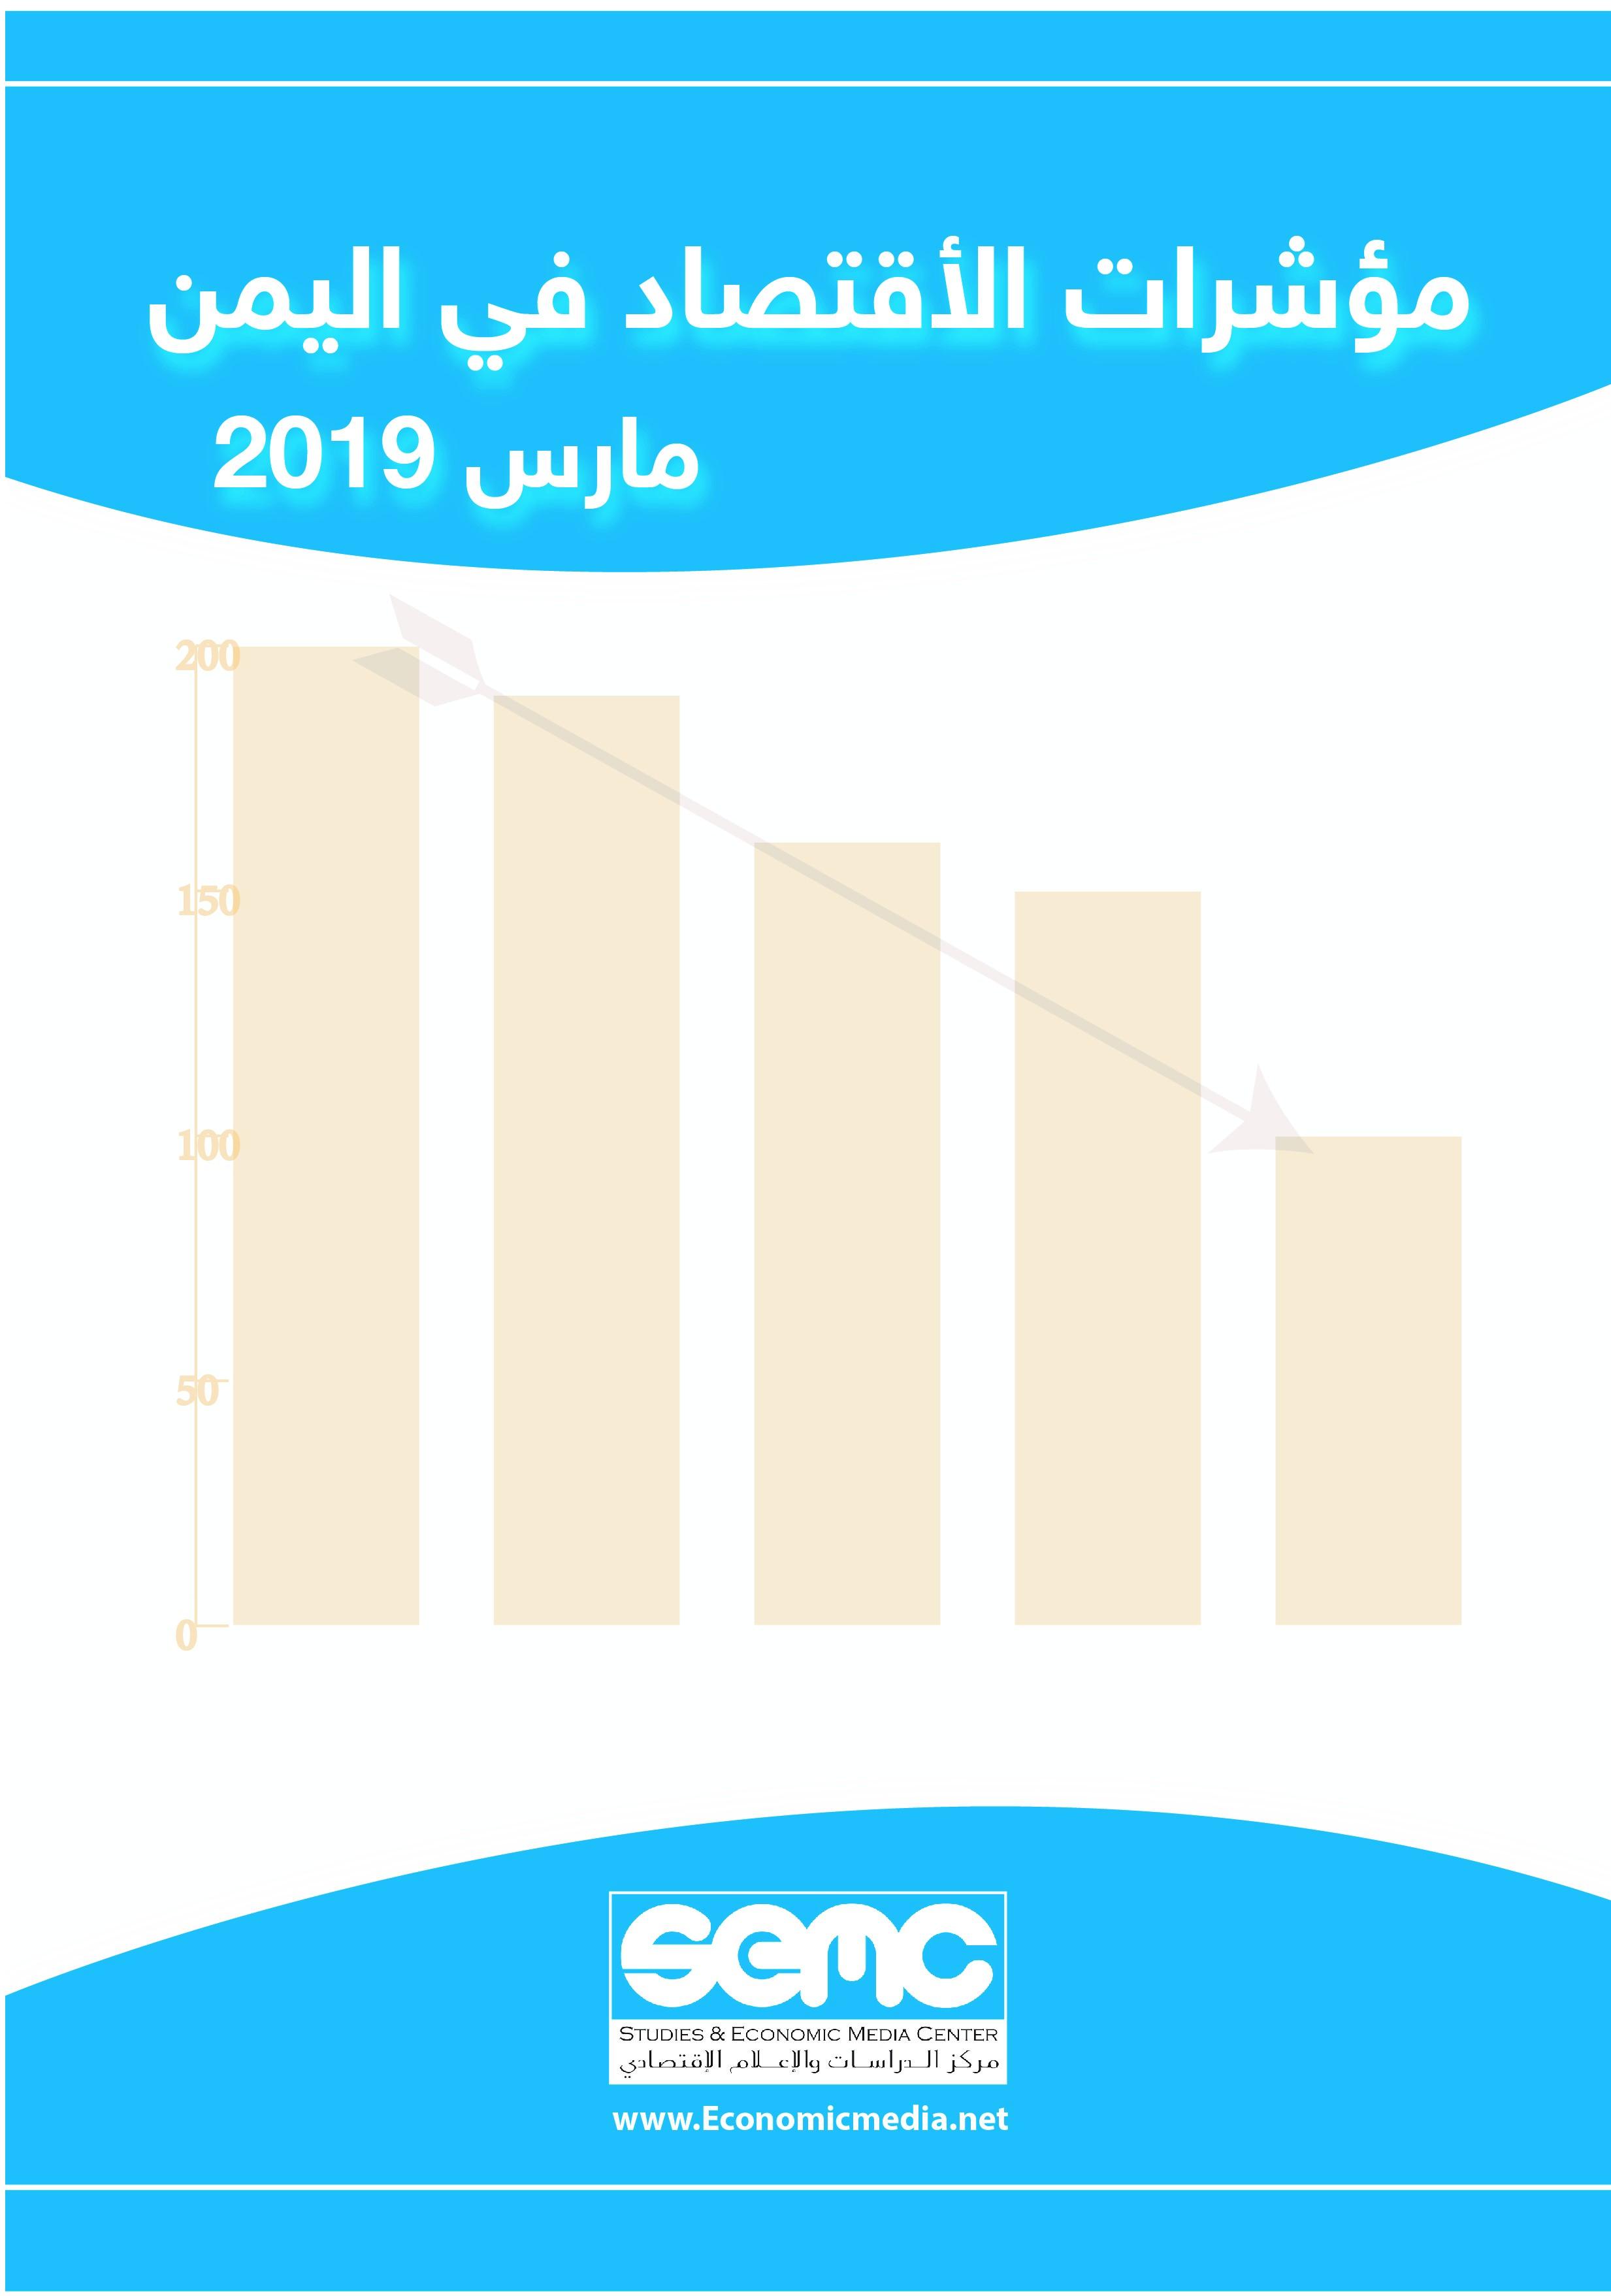 تقرير اقتصادي لمركز الاعلام الاقتصادي: تحسن طفيف للريال مع تصاعد للأسعار